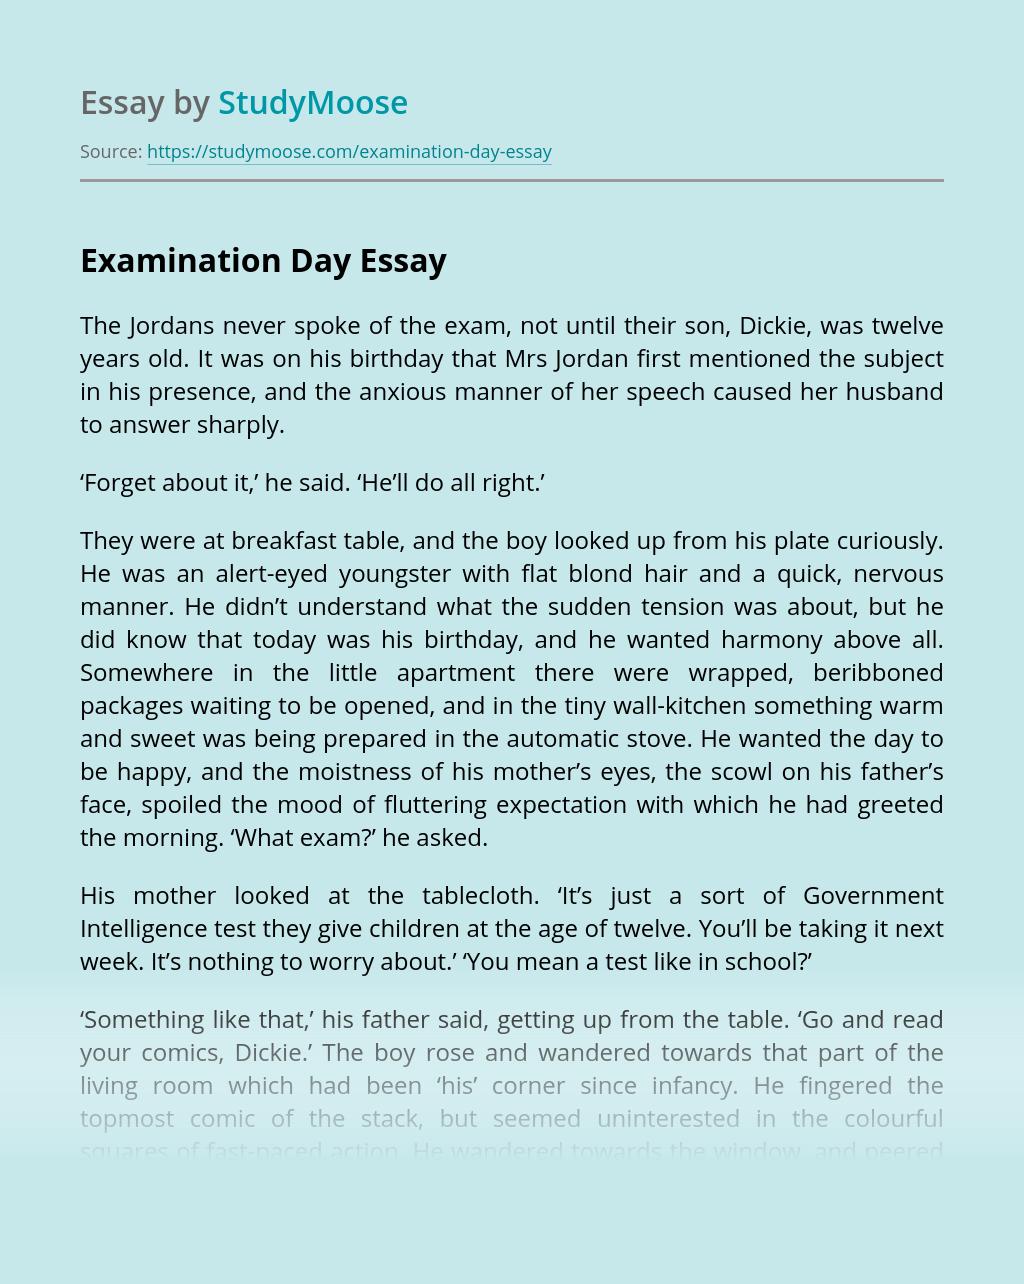 Examination Day